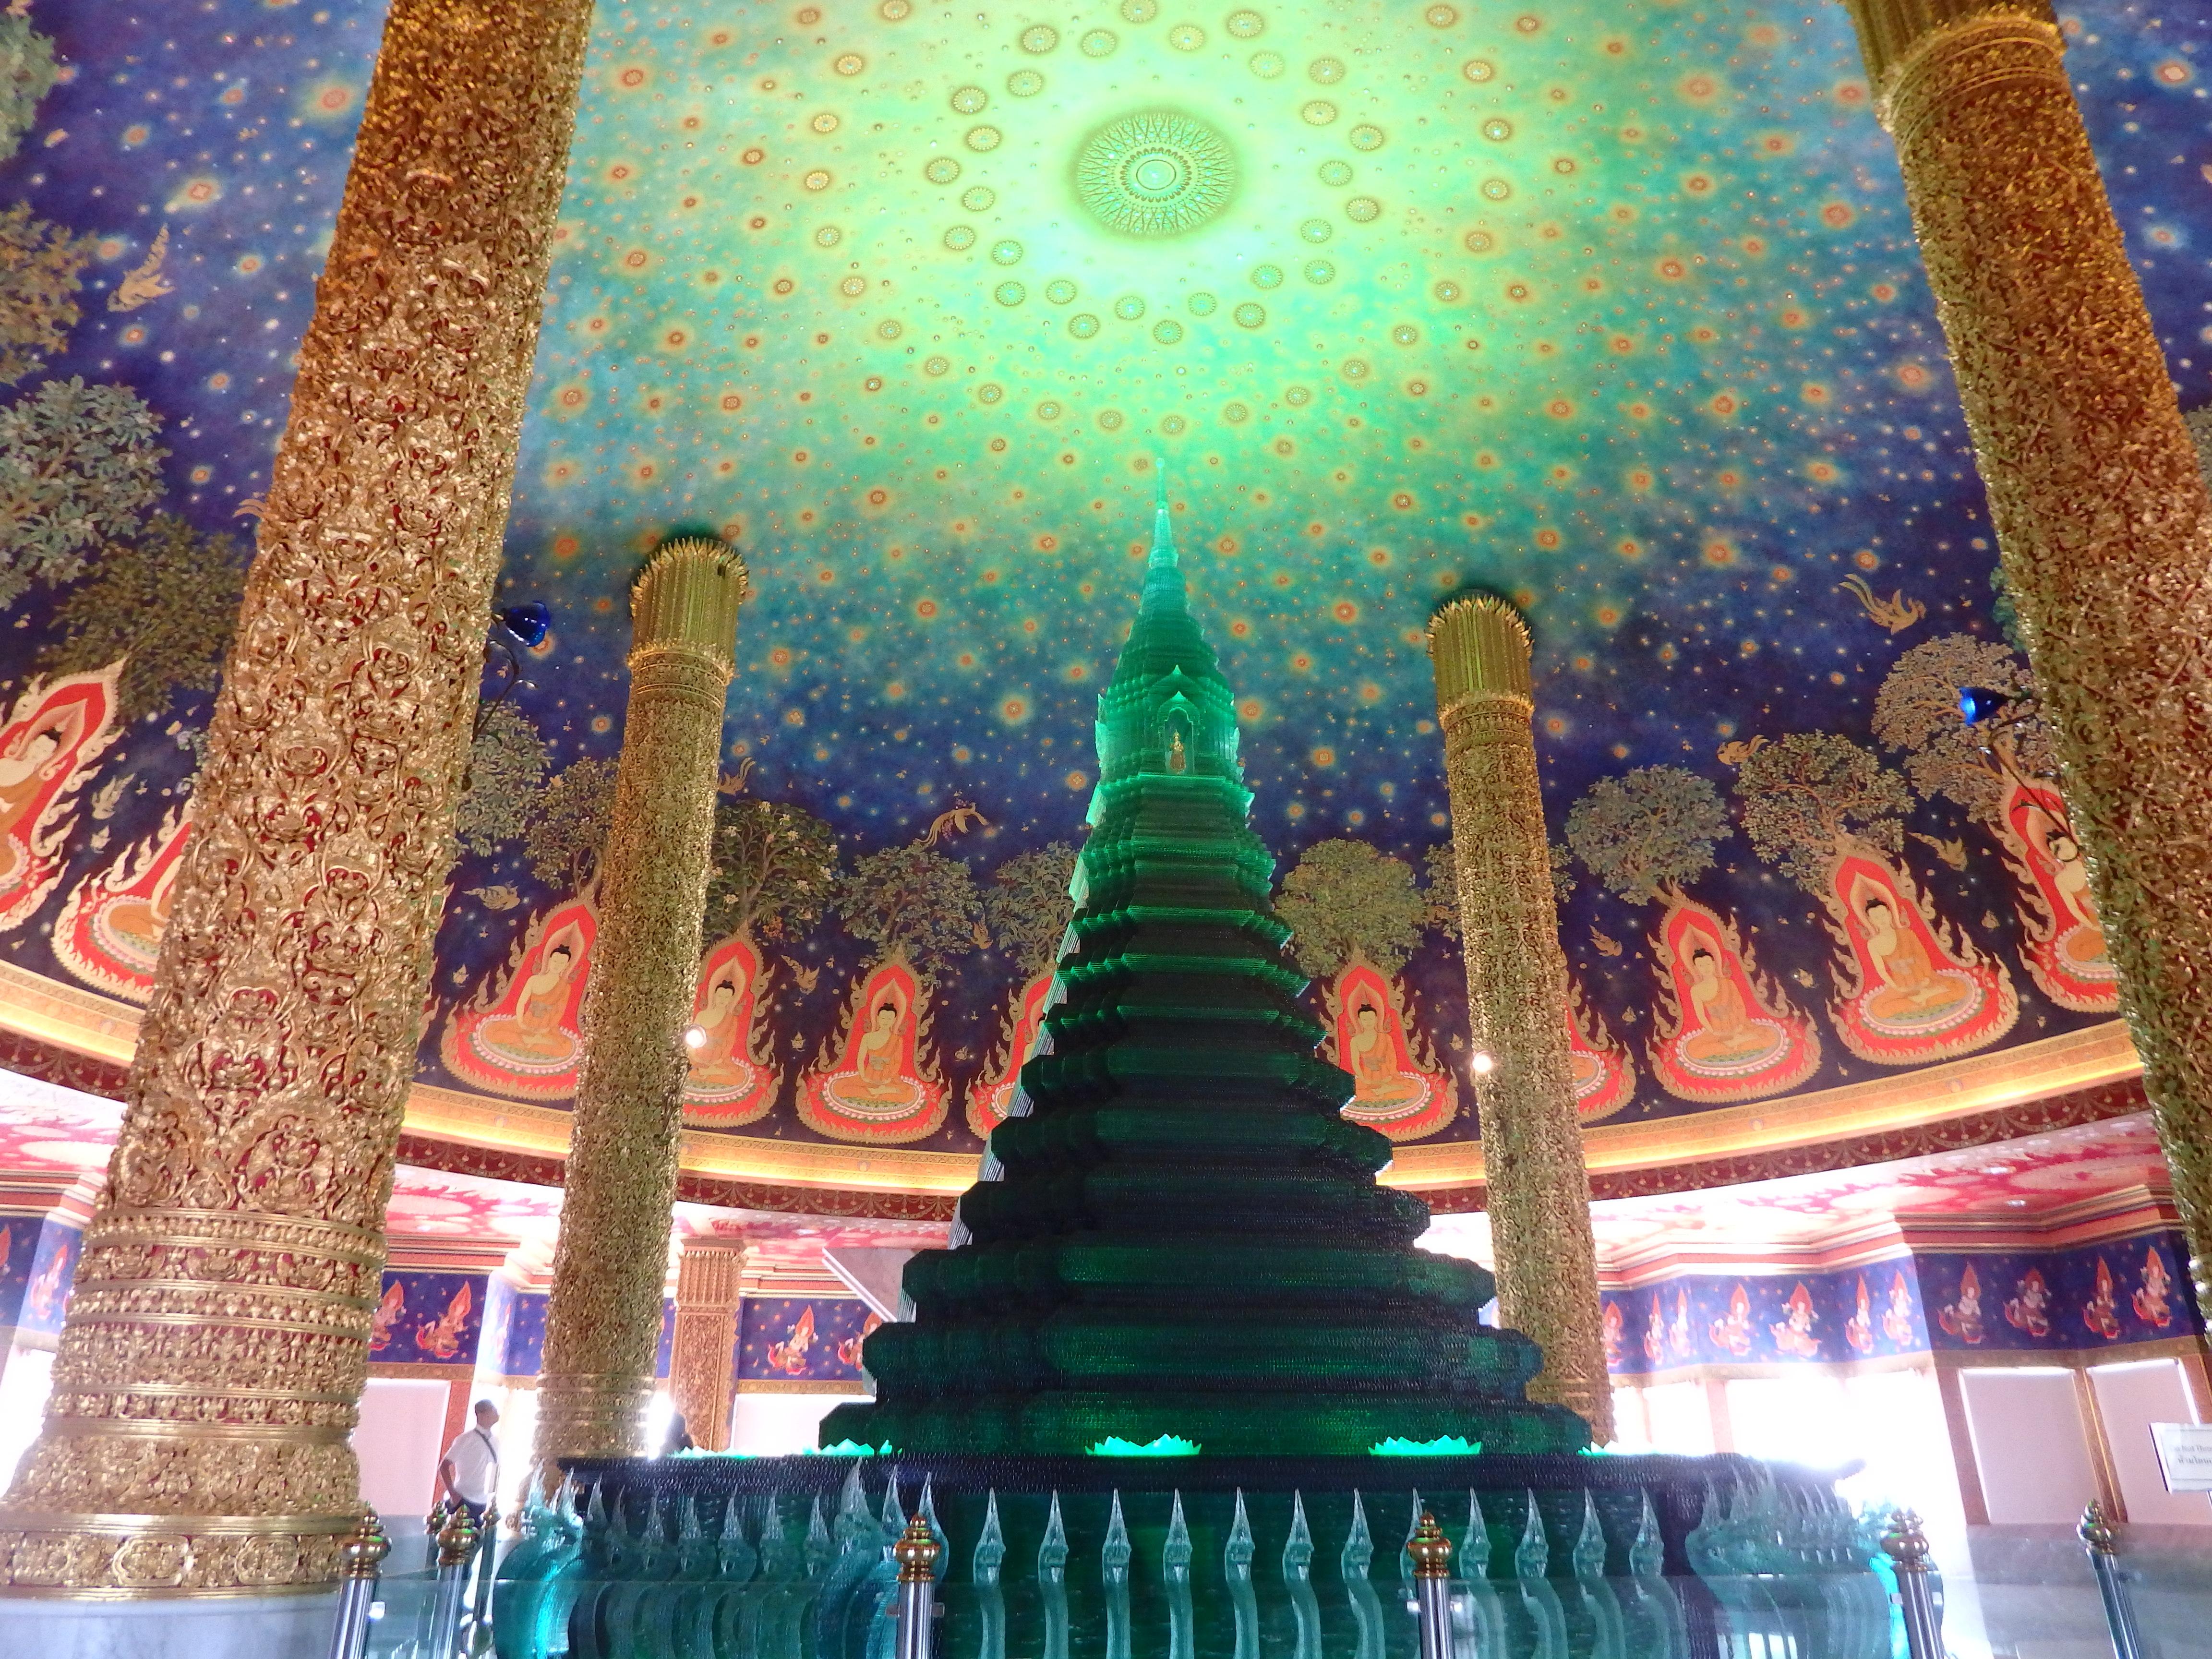 バンコクの絶景寺院ワットパクナムへの行き方(写真あり)